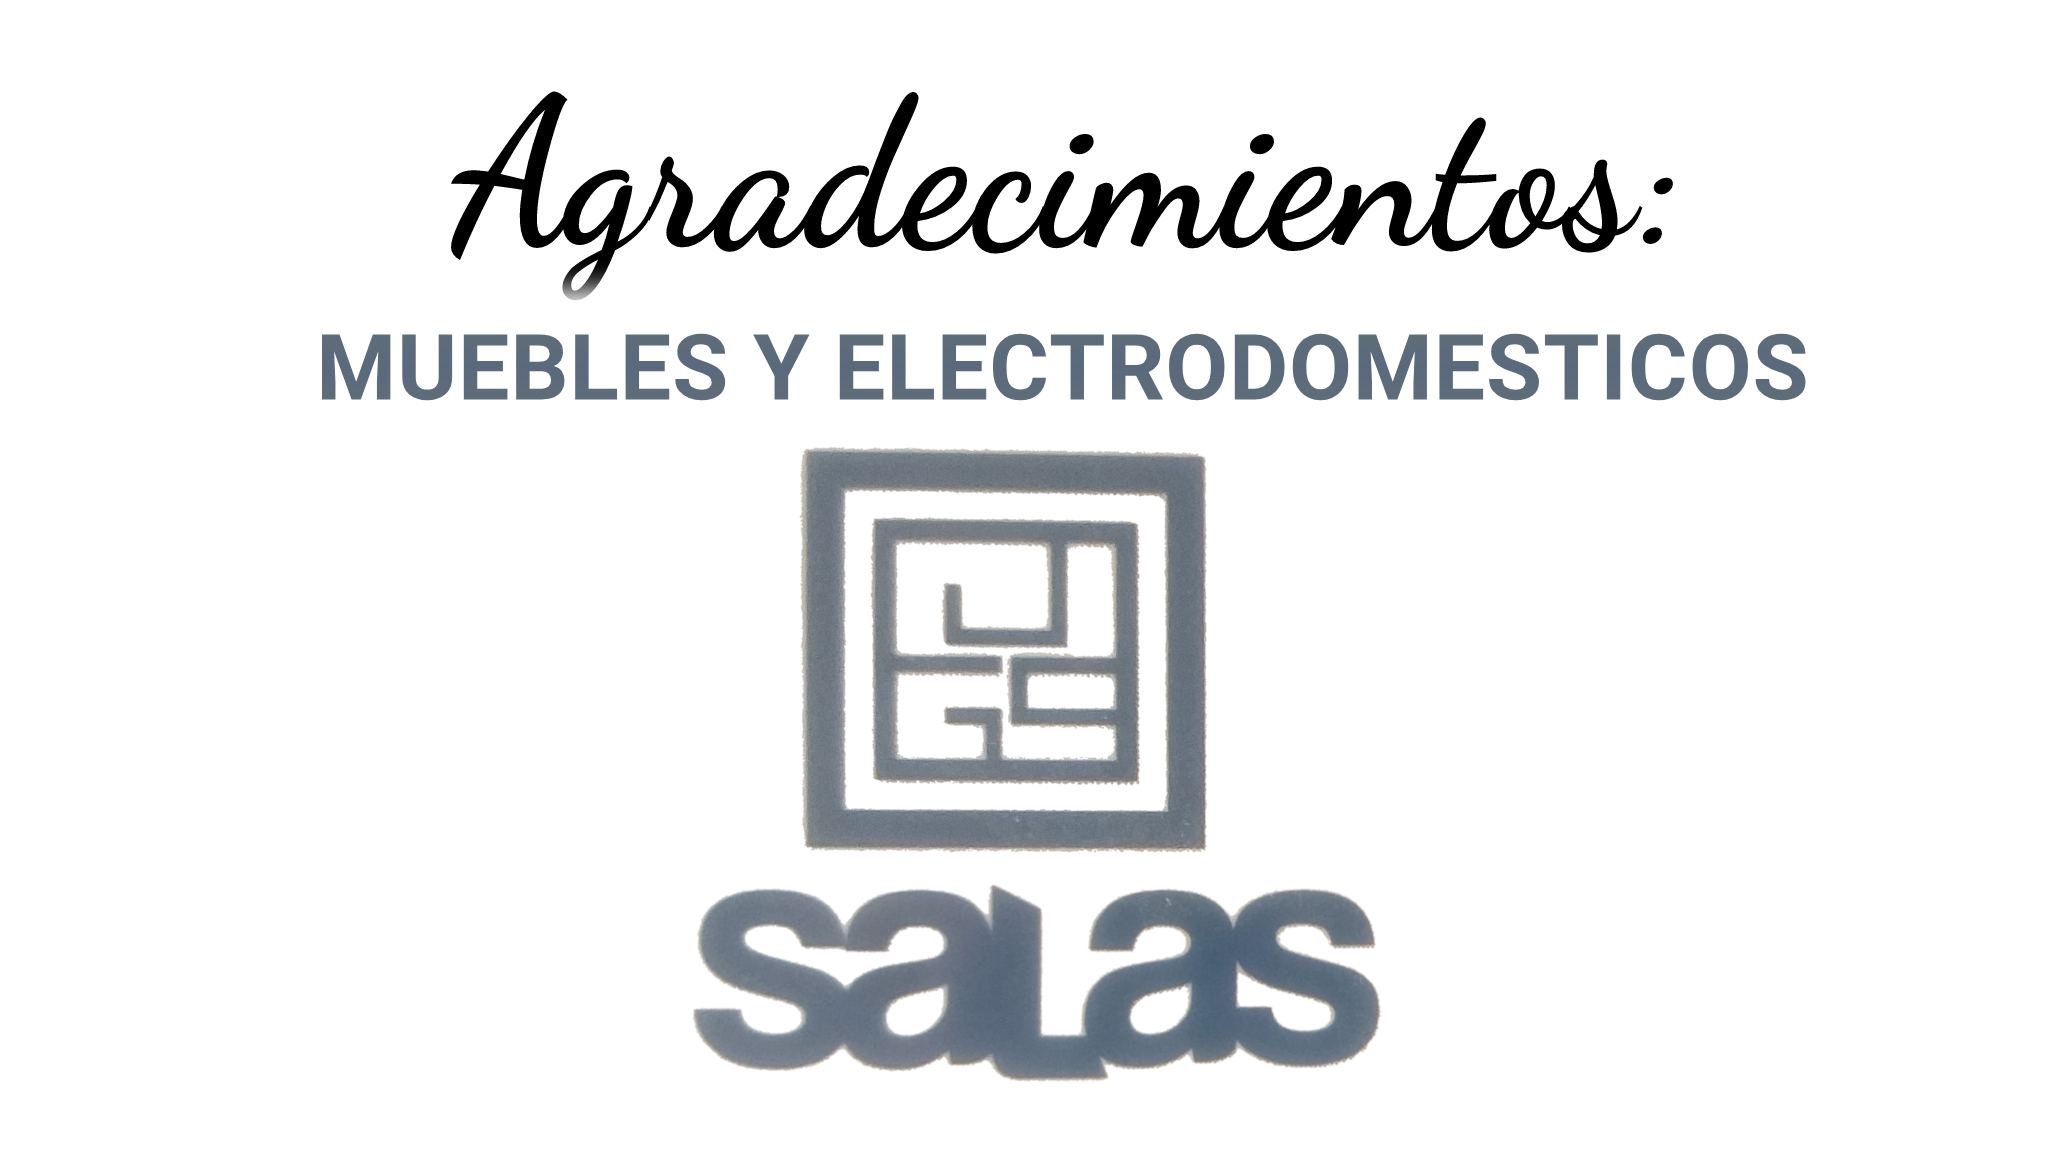 Muebles y Electrodomesticos Salas